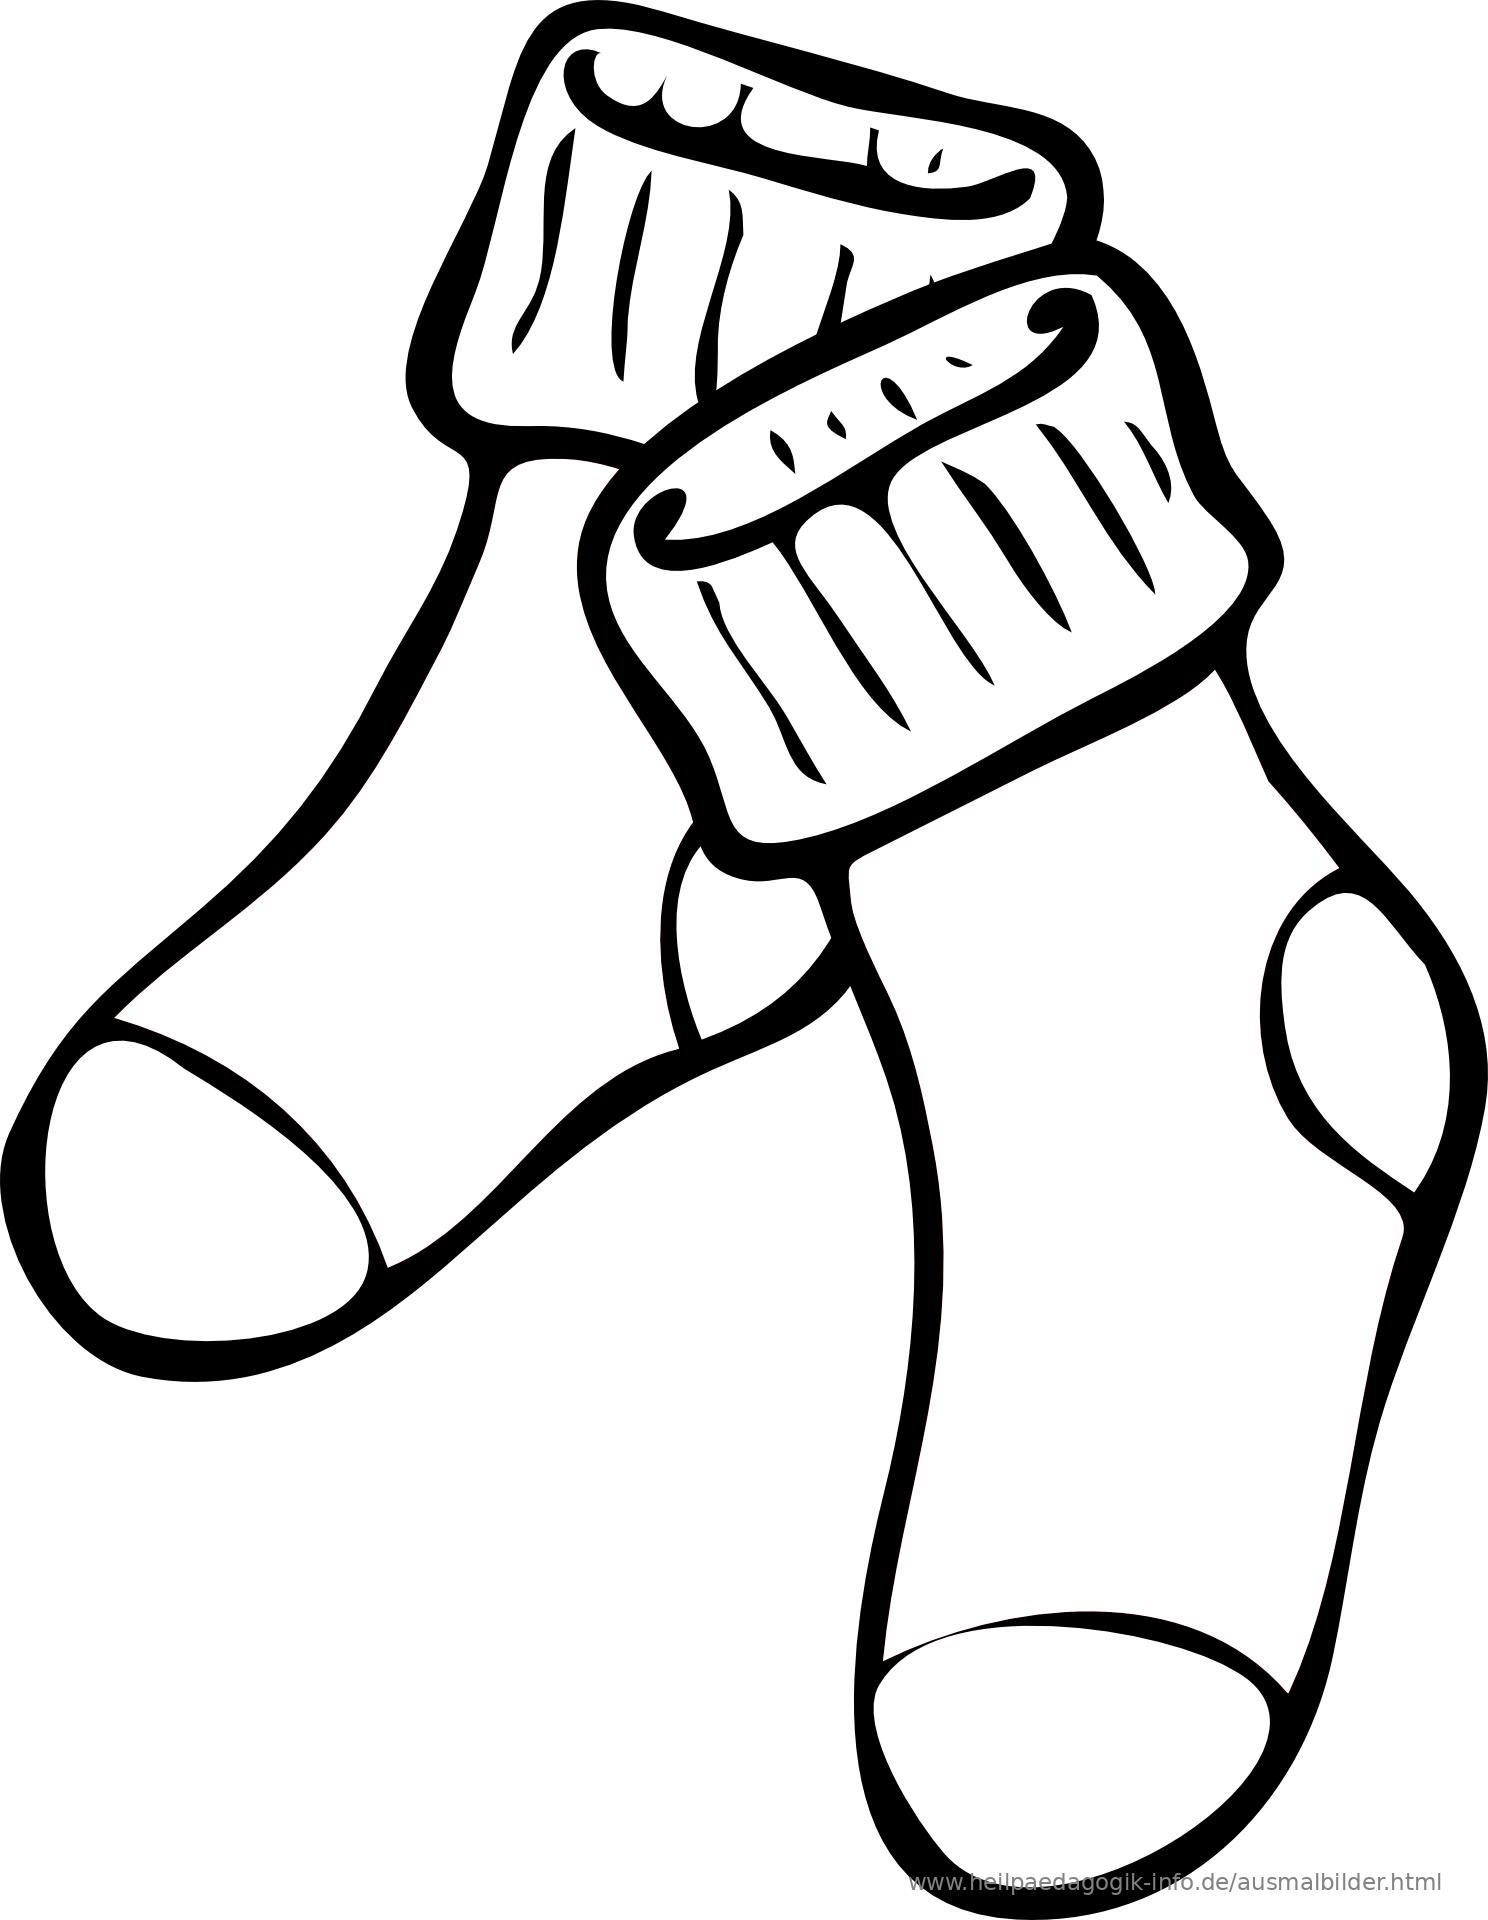 Armbanduhr ausmalbild Der kleine Rabe Socke Alles malt – Jubiläums Malbuch vom kleinen